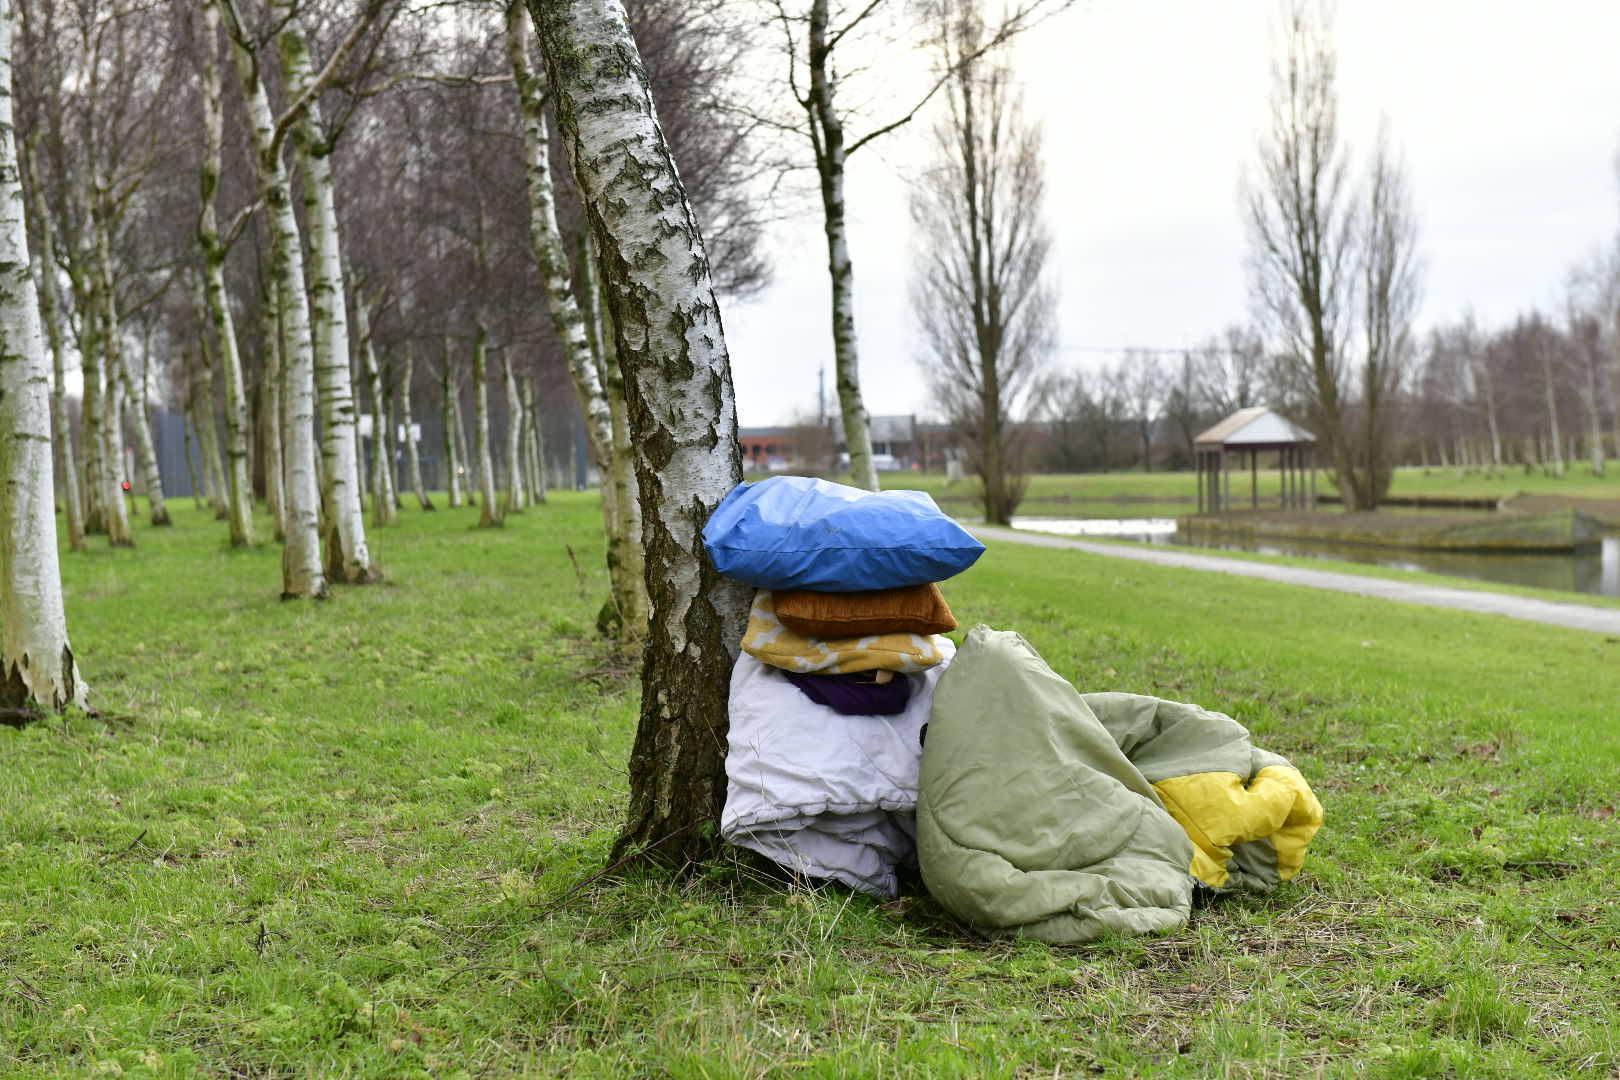 Marechaussee vindt stapel kleding langs waterkant, vermoedt persoon te water maar treft niemand aan.